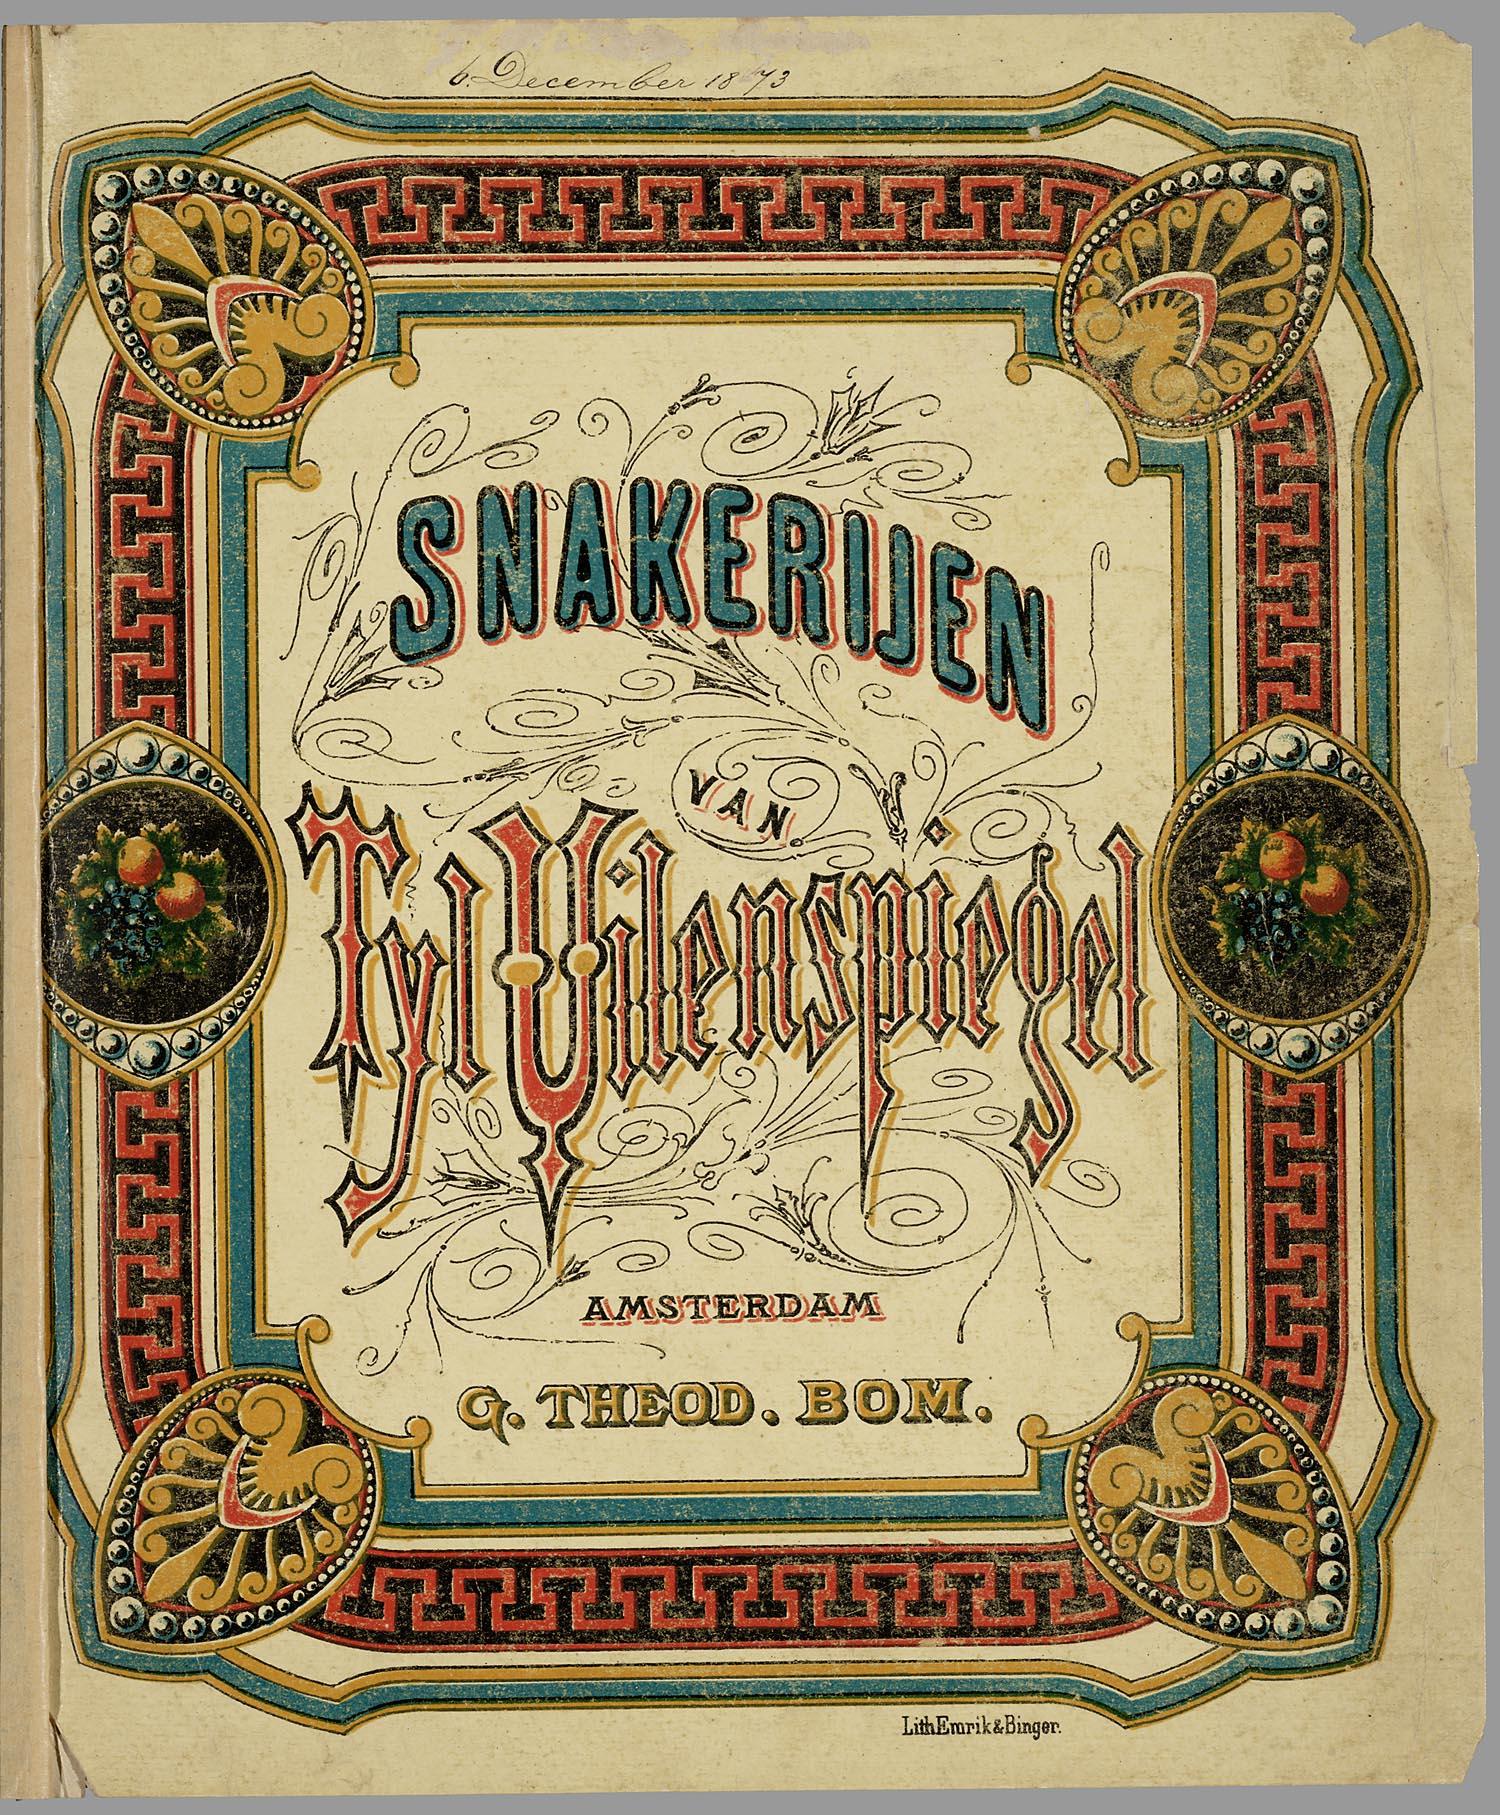 snakerijen van tijl uilenspiegel - ppn 865134189 - image 1.jpeg